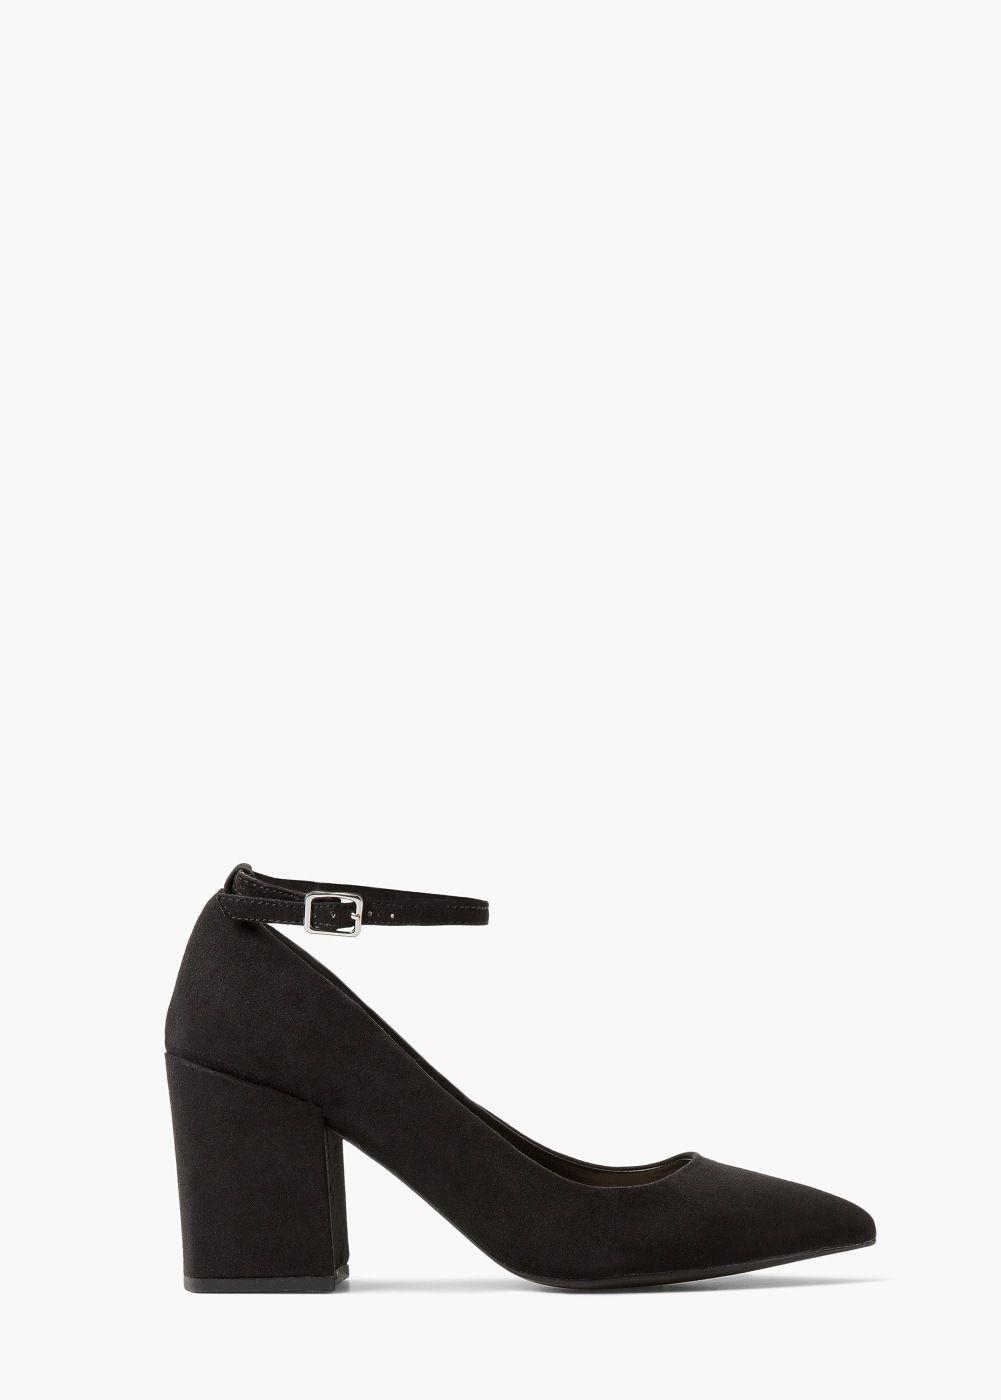 Zapato punta pulsera - Bolsos de Mujer | MANGO